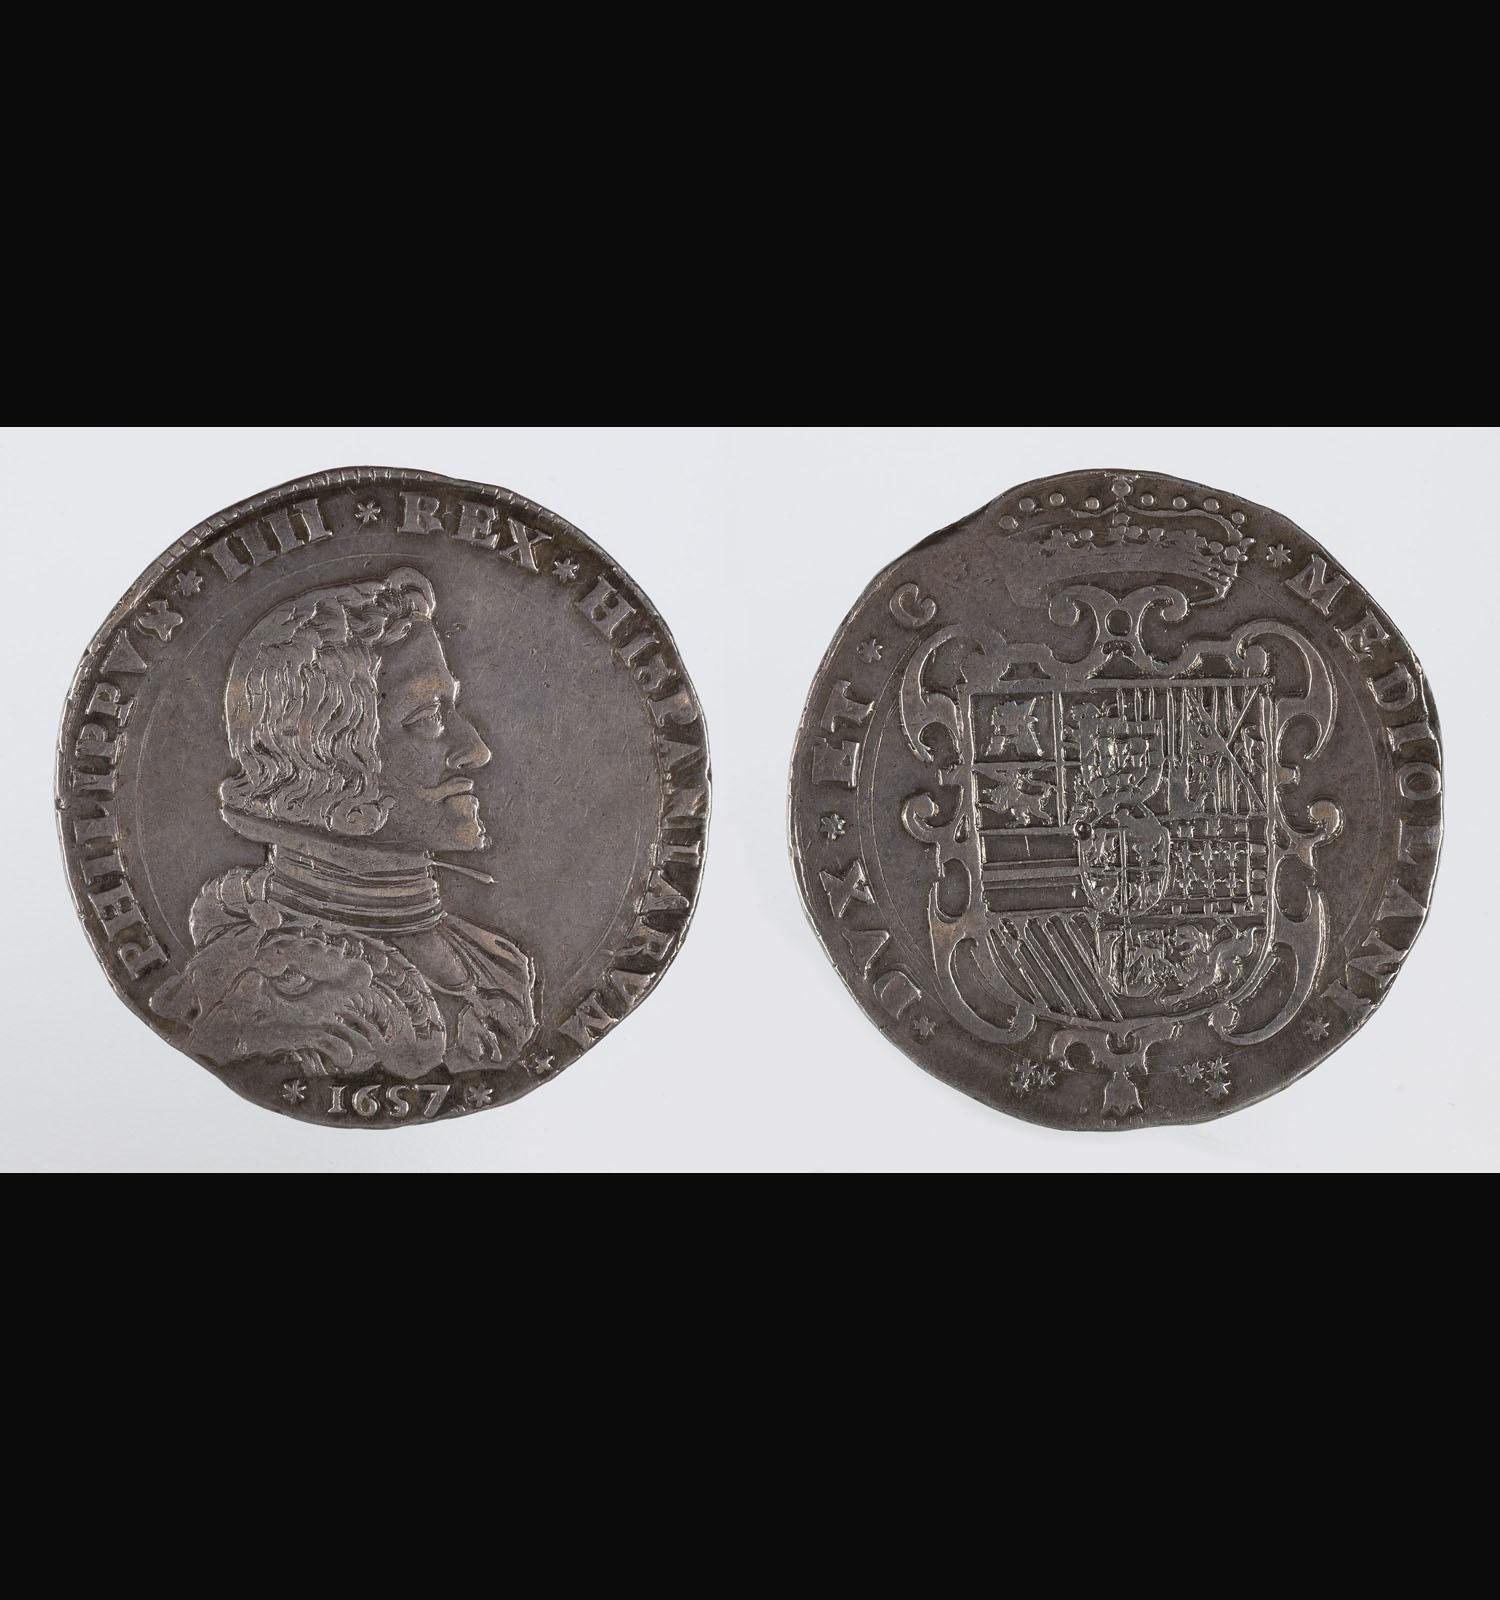 El metall de la moneda - Felip IV, ducató de Milà, 1657